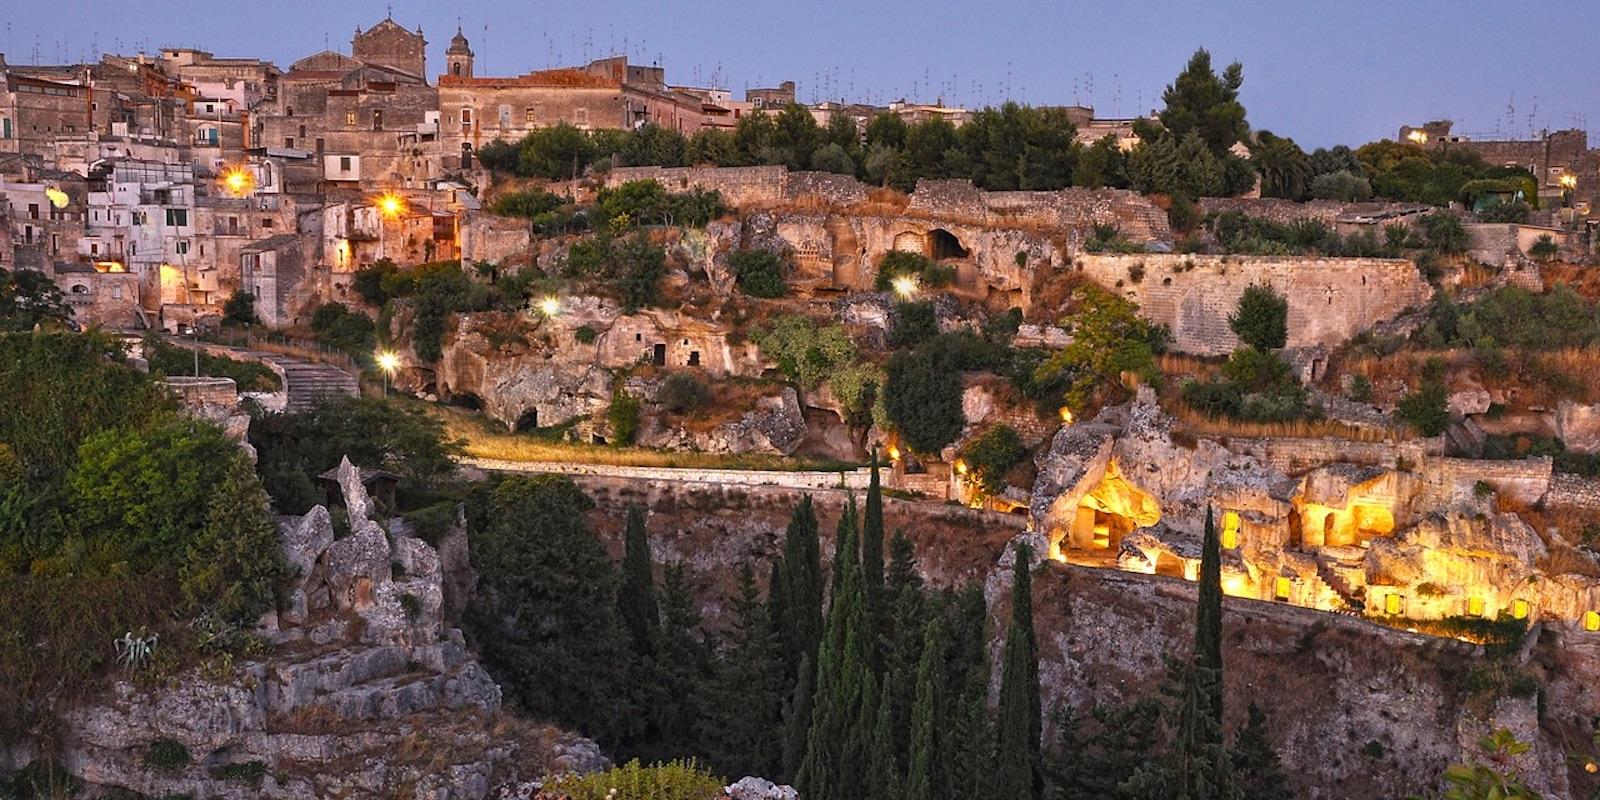 Approvato il Regolamento a Gravina in Puglia: l'intervista